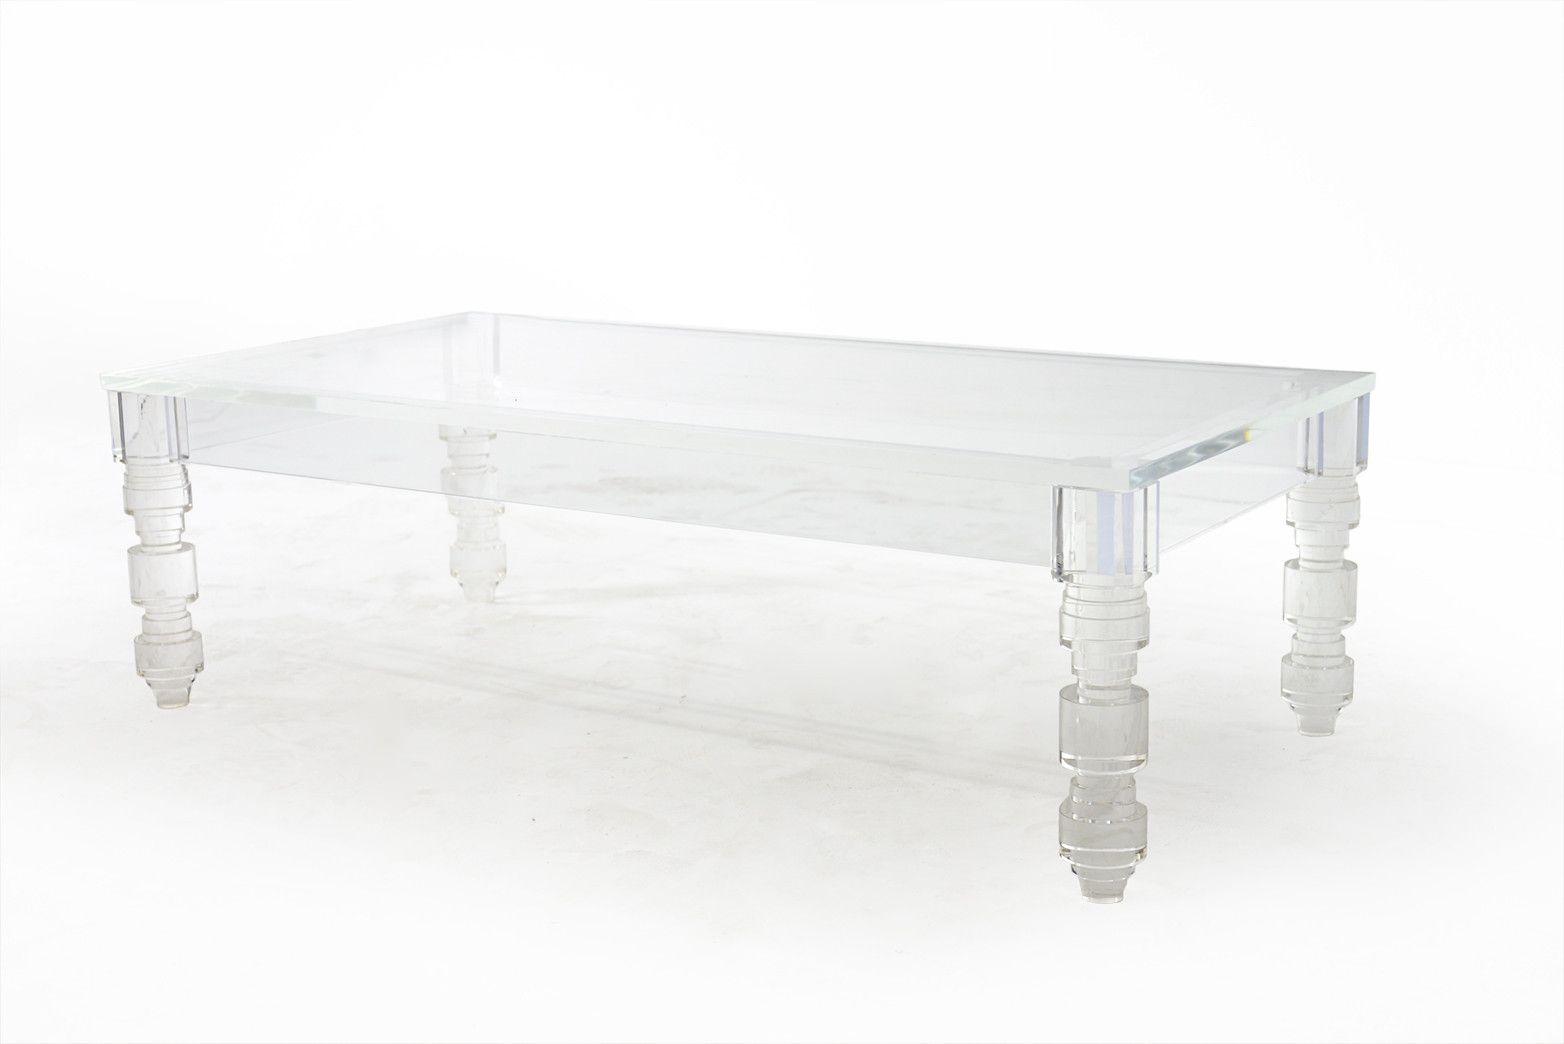 rectangular beverly hills lucite coffee table- #modshop XLKVDMR